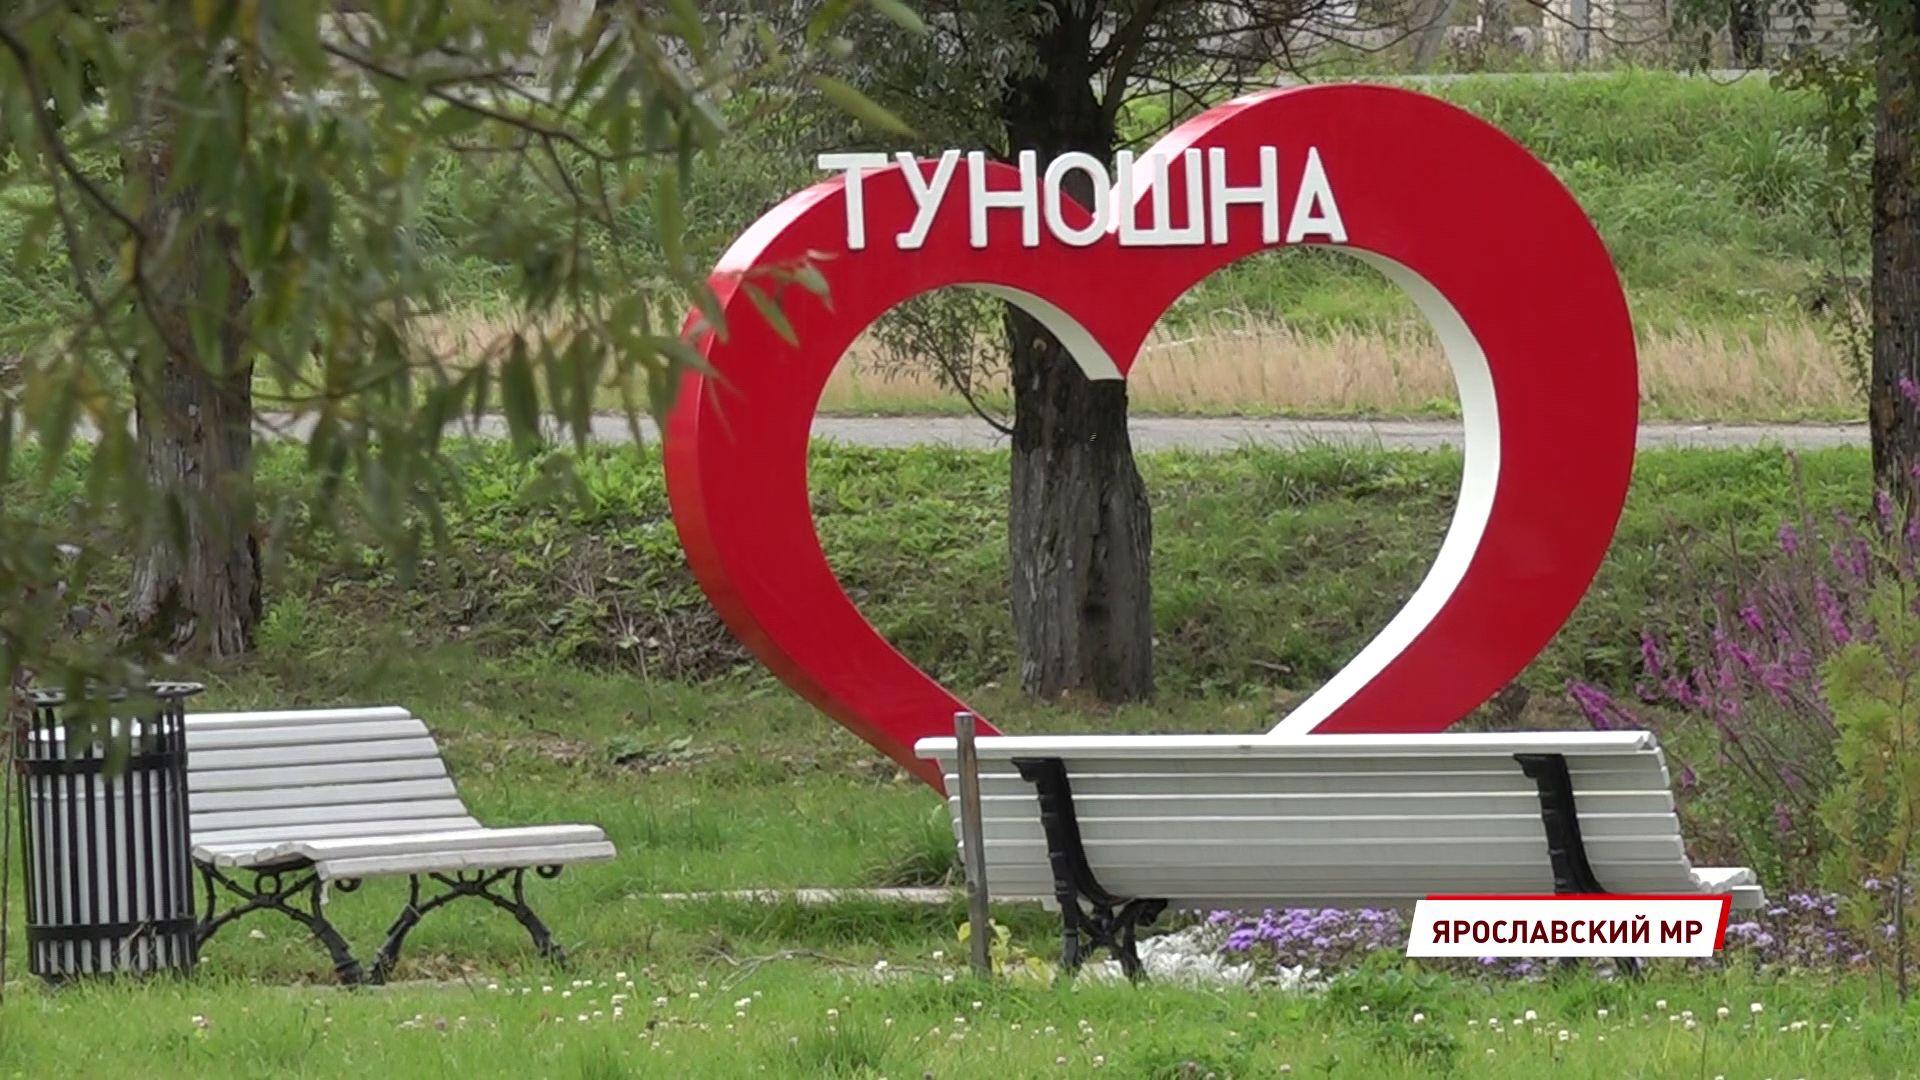 В Туношне идет четвертый этап благоустройства парка